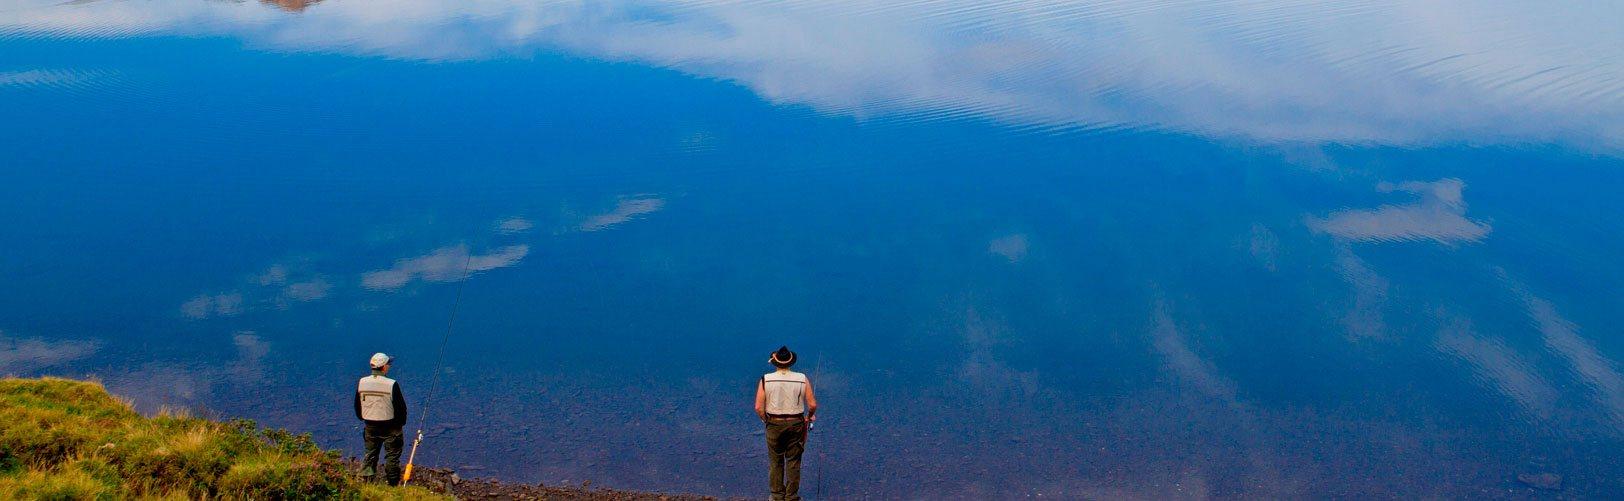 2-men-fishing